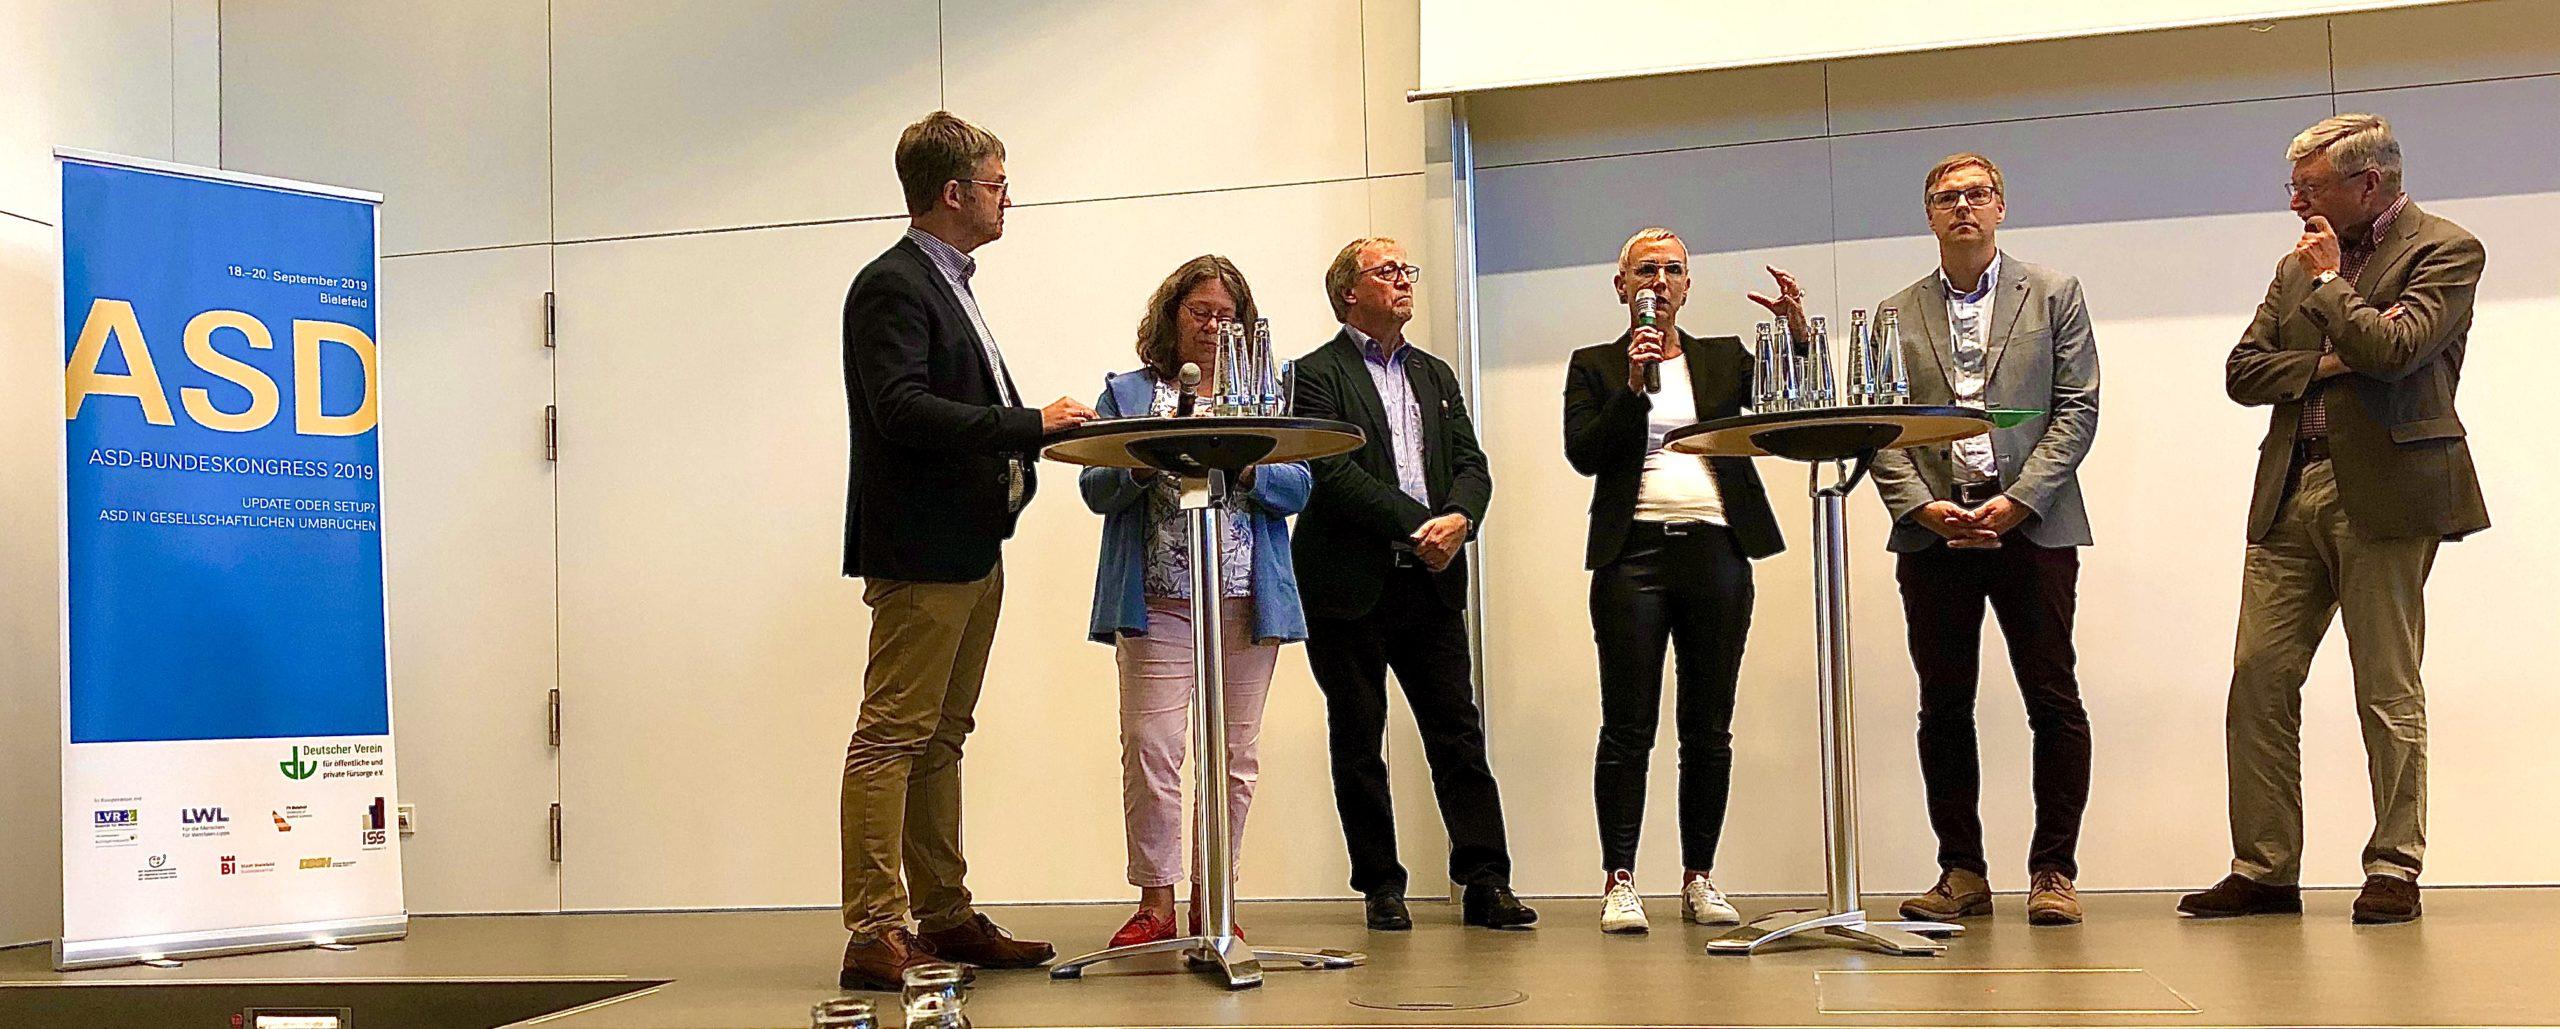 ASD Bundeskongress Abschlussdiskussion